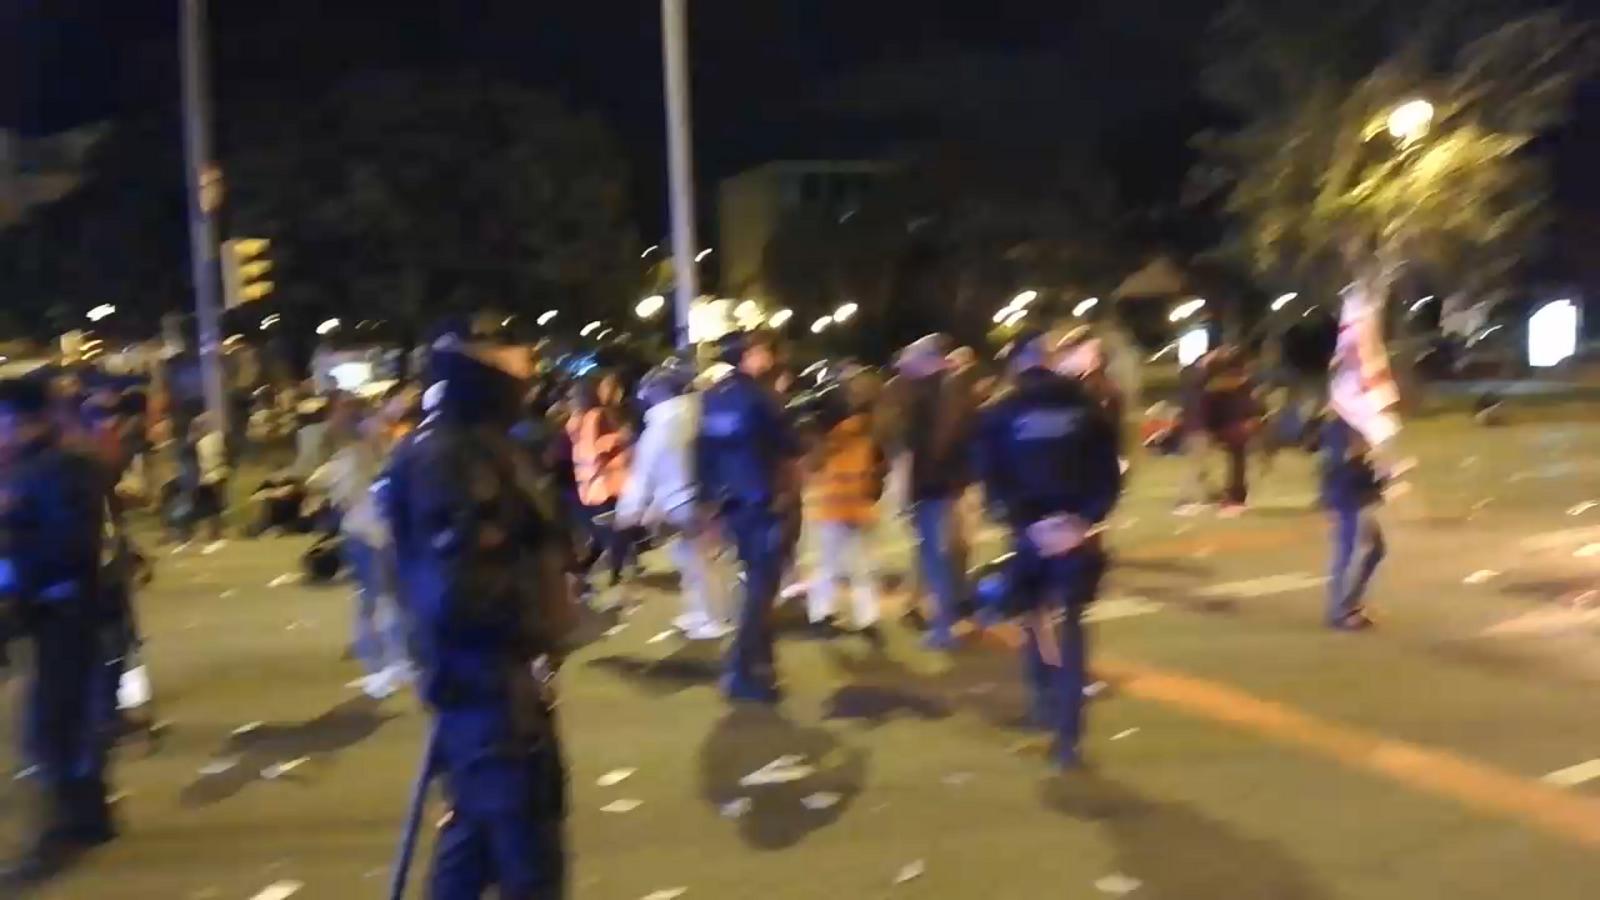 Els mossos demanen als manifestants que queden que s'enretirin perquè els bombers puguin apagar la foguera